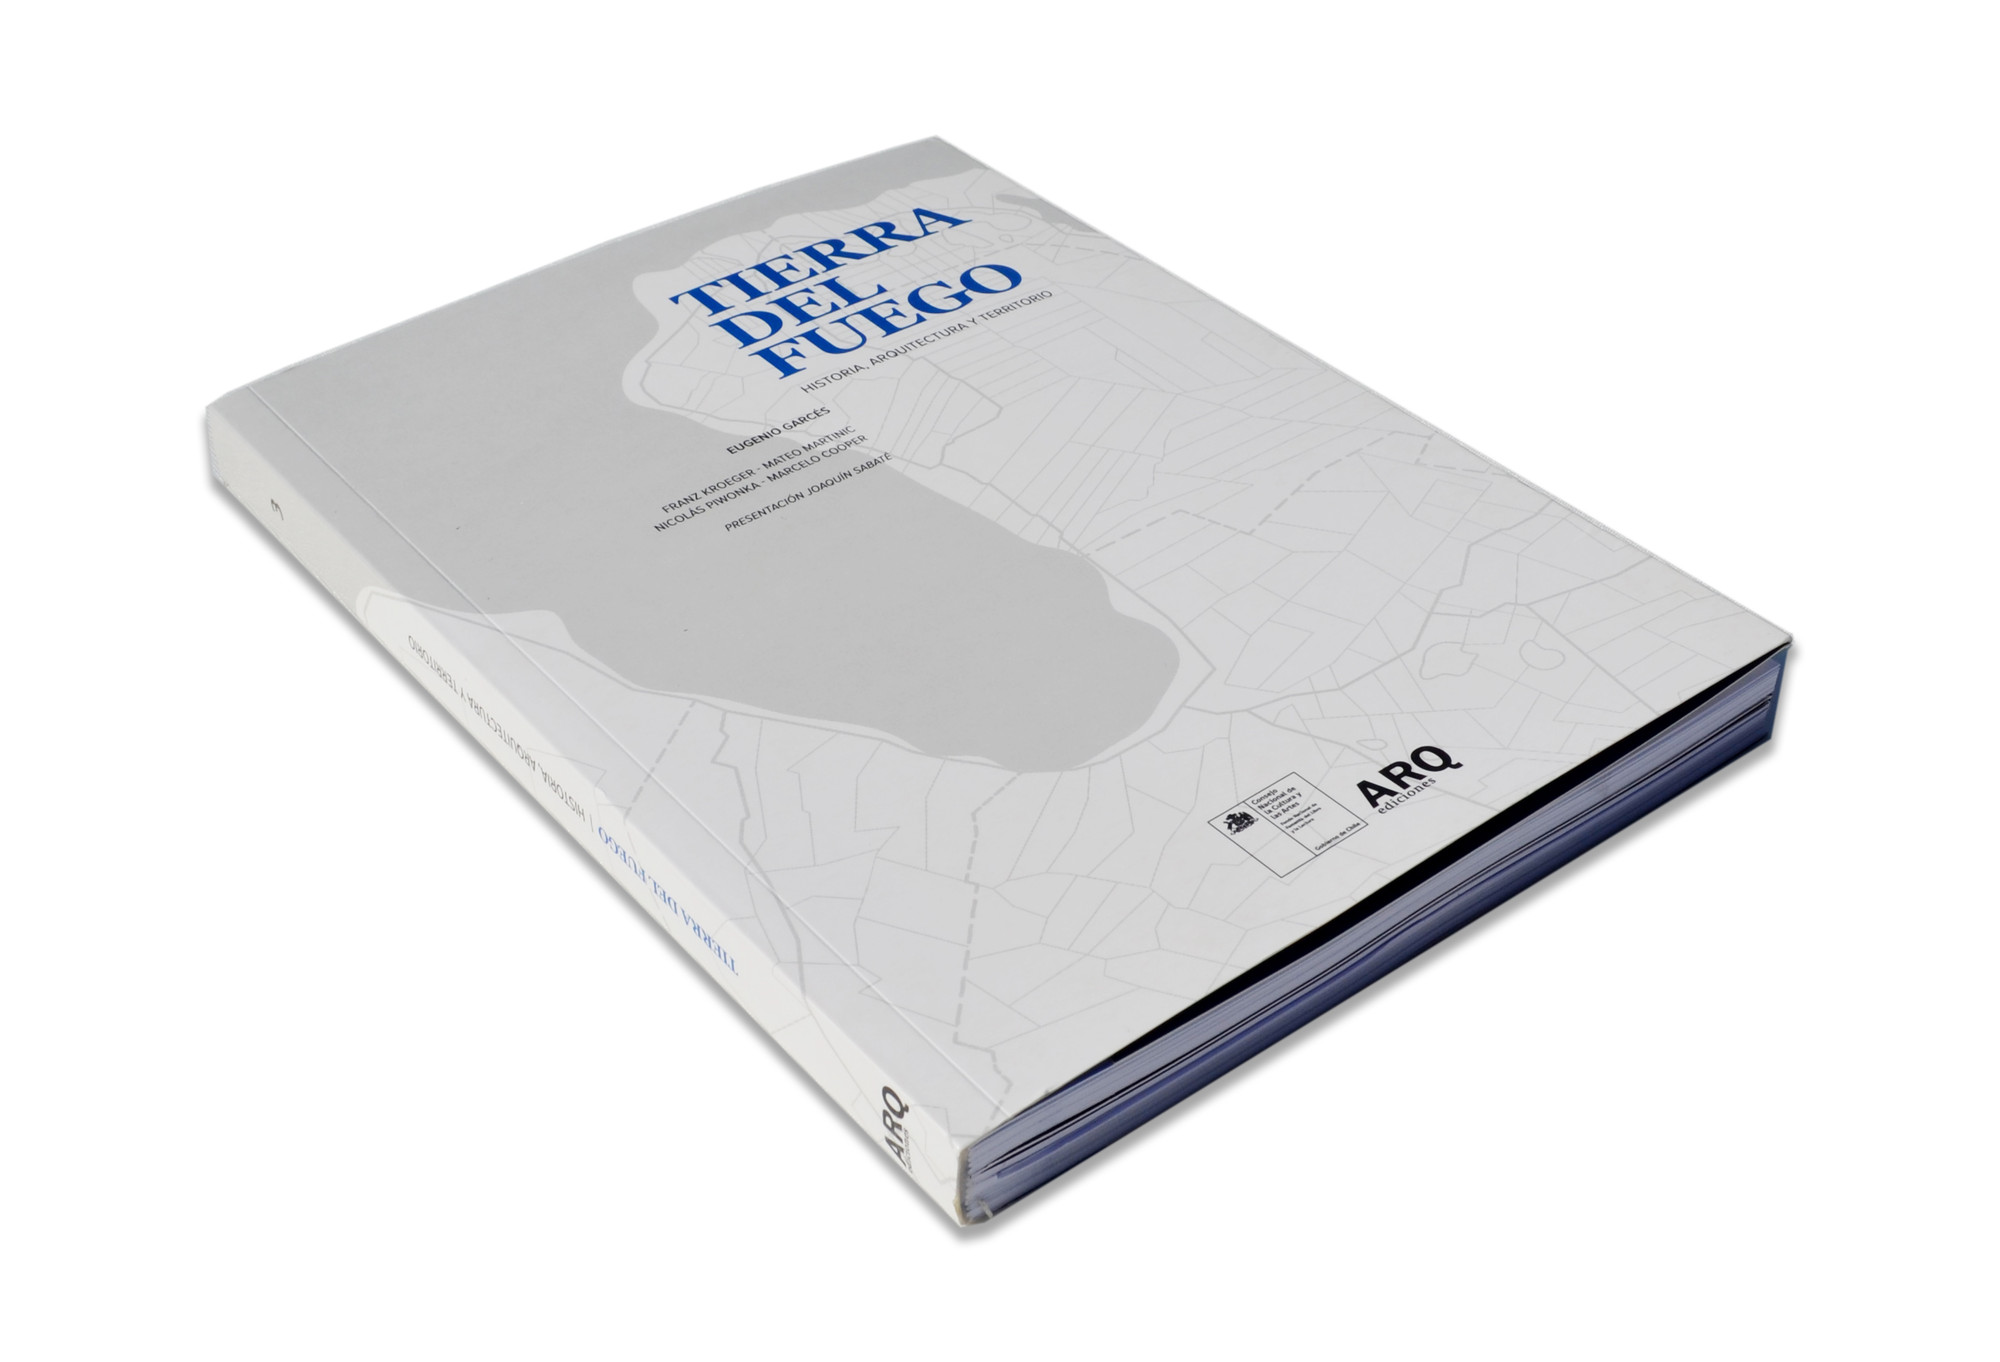 Tierra del Fuego: Historia, Arquitectura, Territorio / Ediciones ARQ, Eugenio Garcés